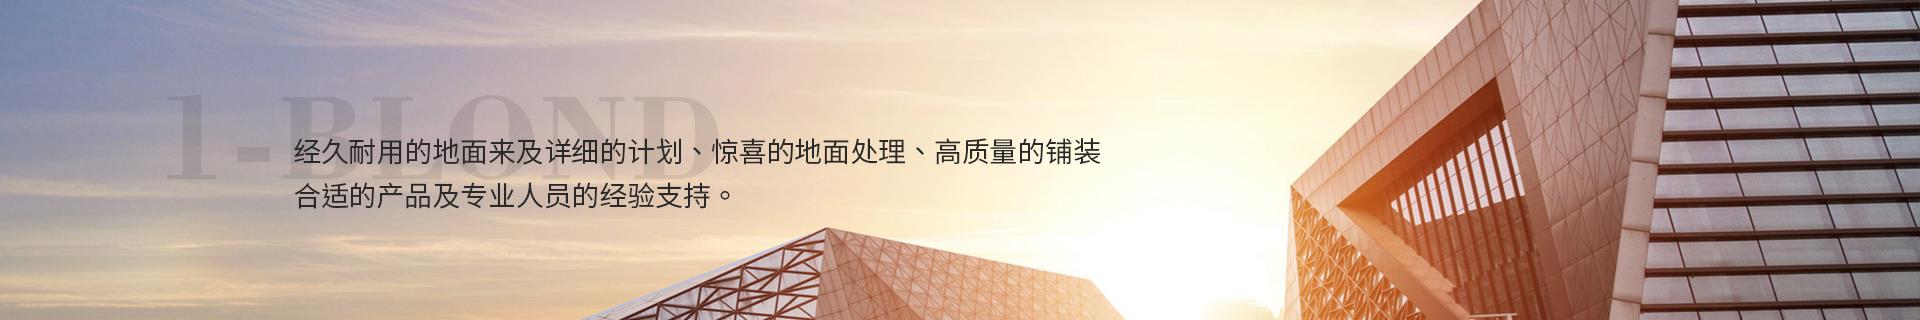 http://www.ucfloor.com.cn/data/upload/202010/20201013090354_142.jpg